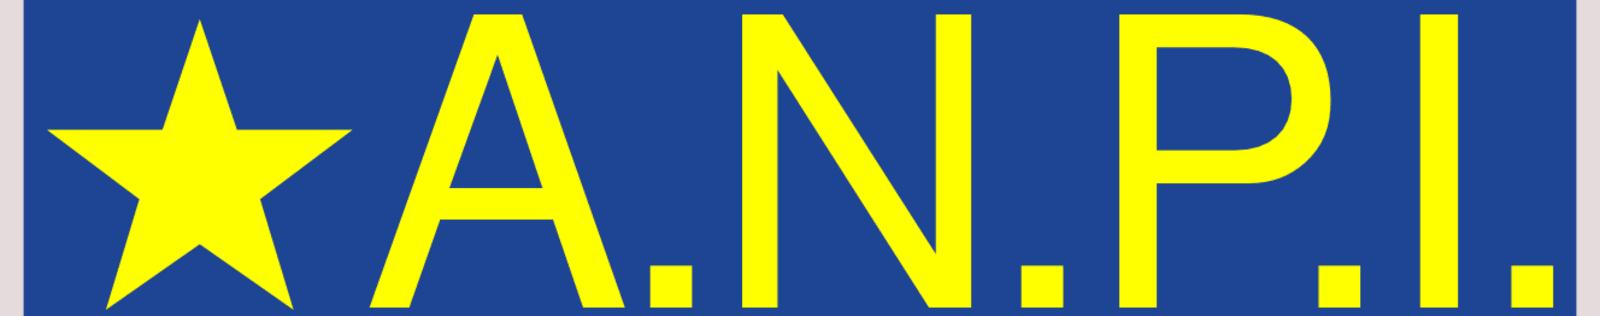 ANPI: Congresso Nazionale a Rimini con offerta in albergo 4 stelle sul mare